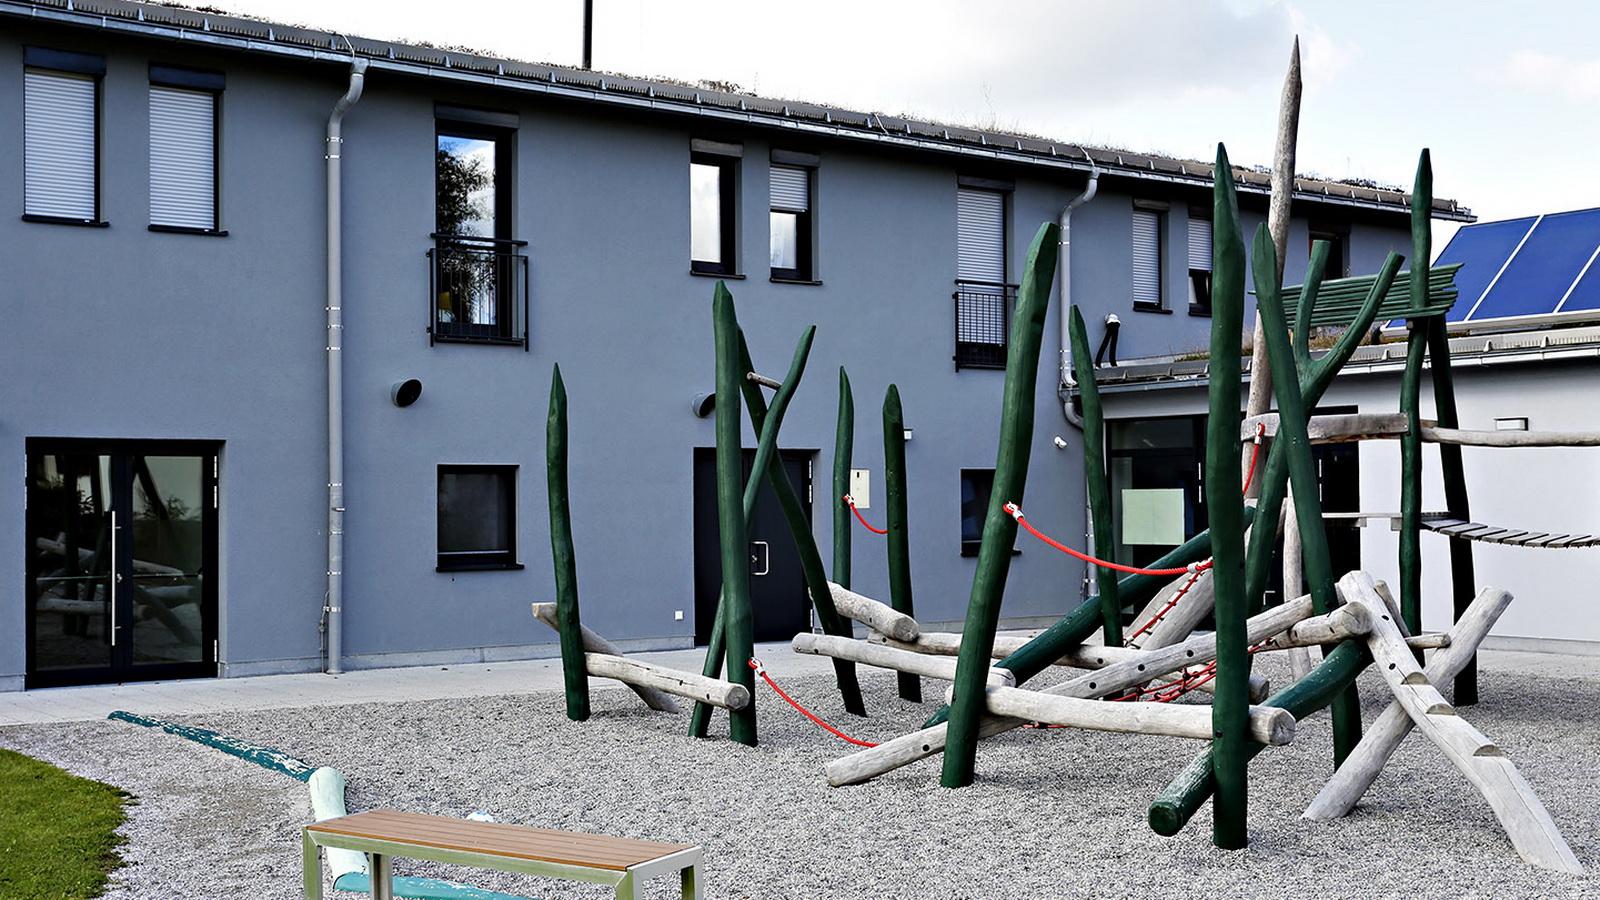 Blick auf den Spielplatz der Kinderkrippe Tuerkenfeld